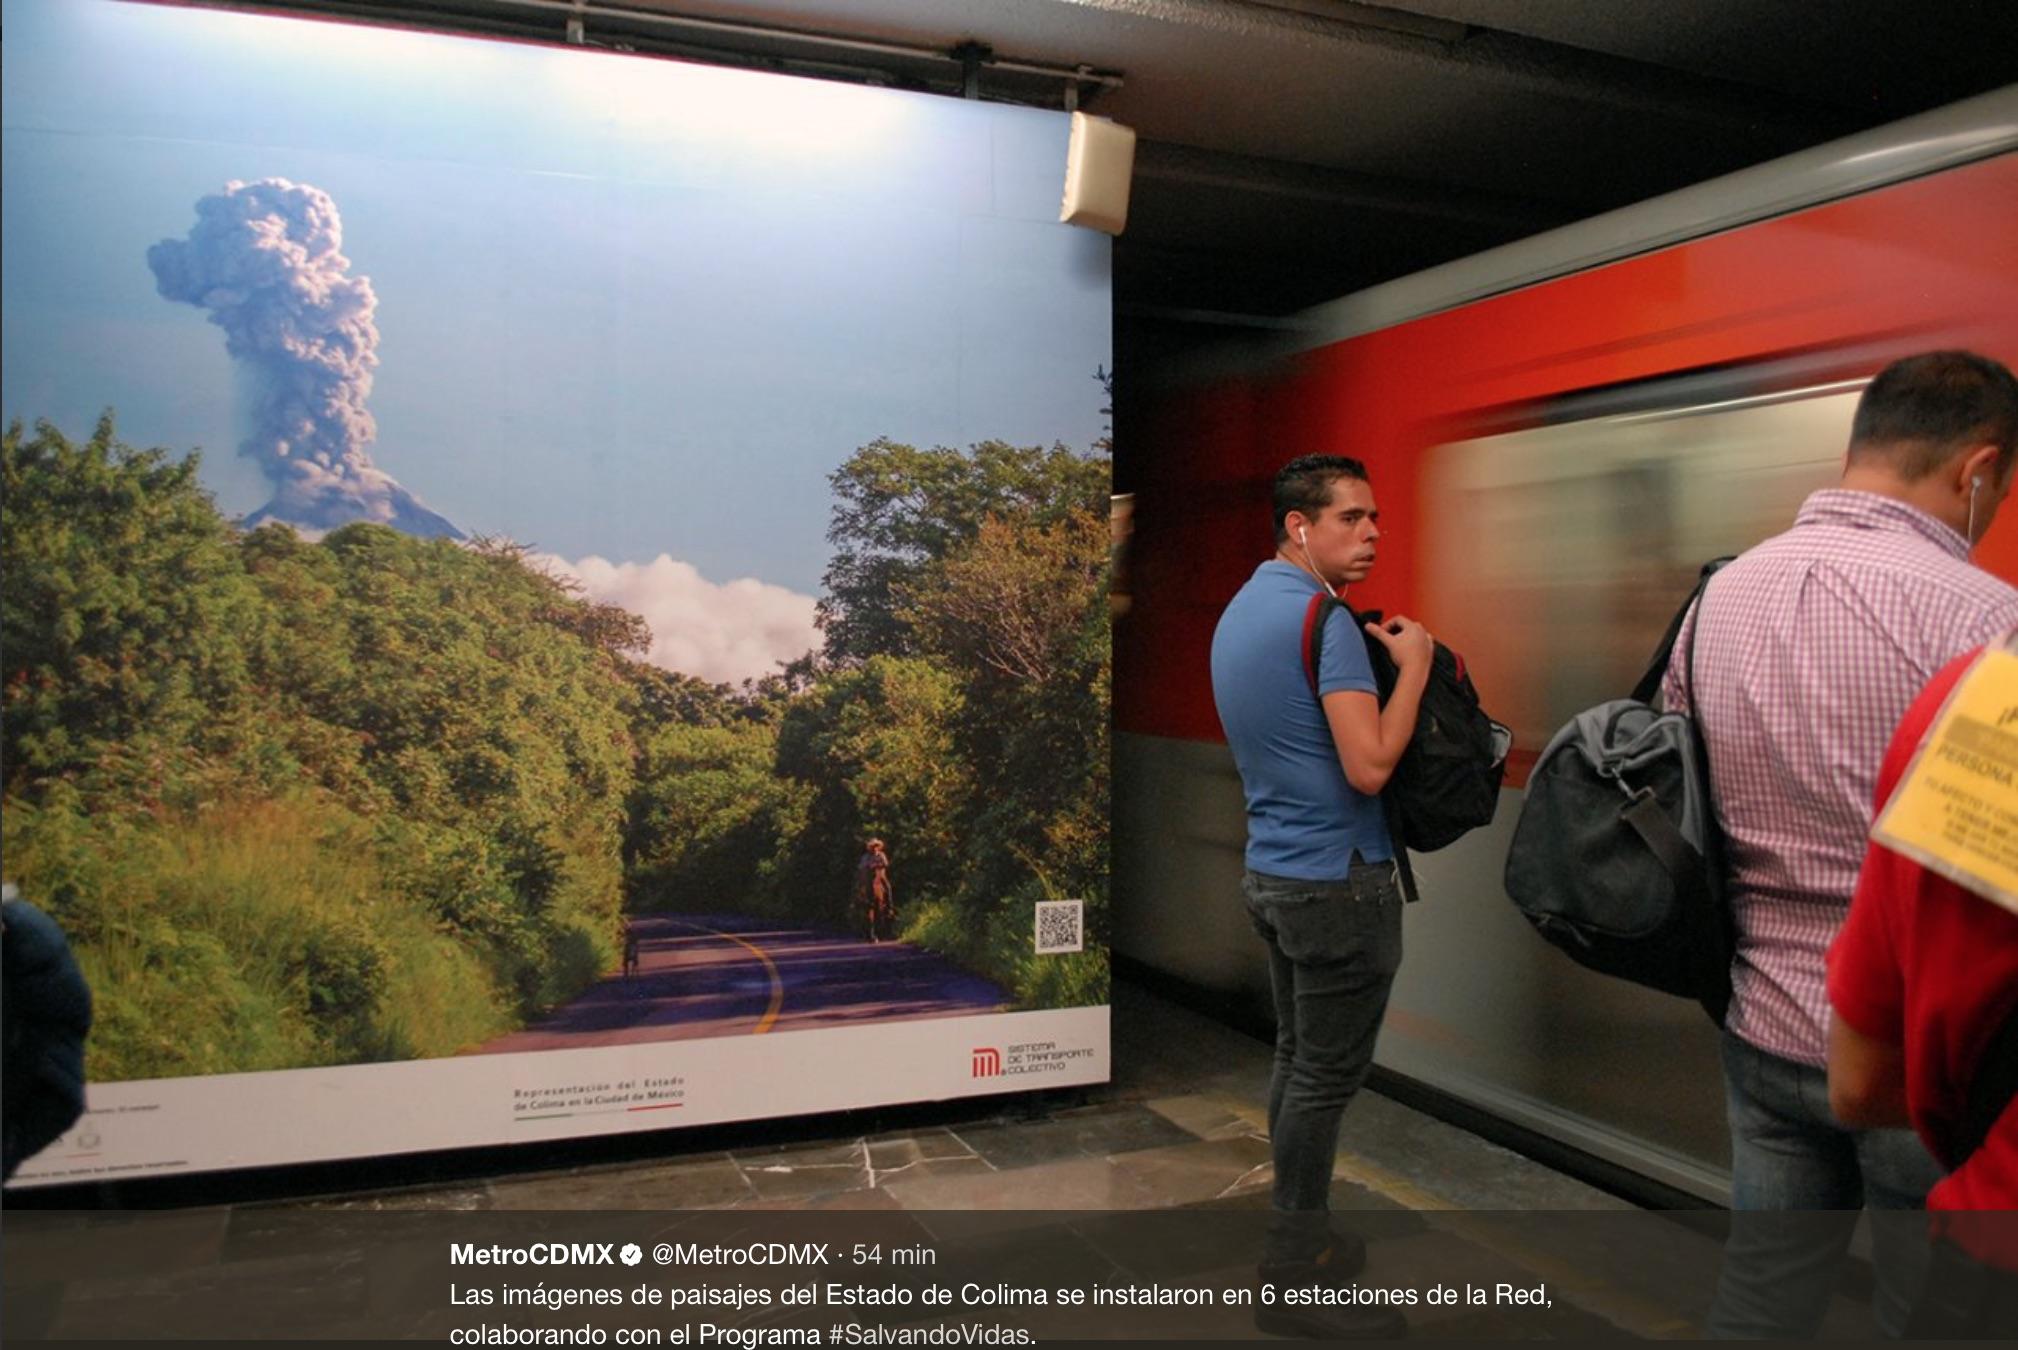 Metro busca reducir suicidios con muestra fotográfica